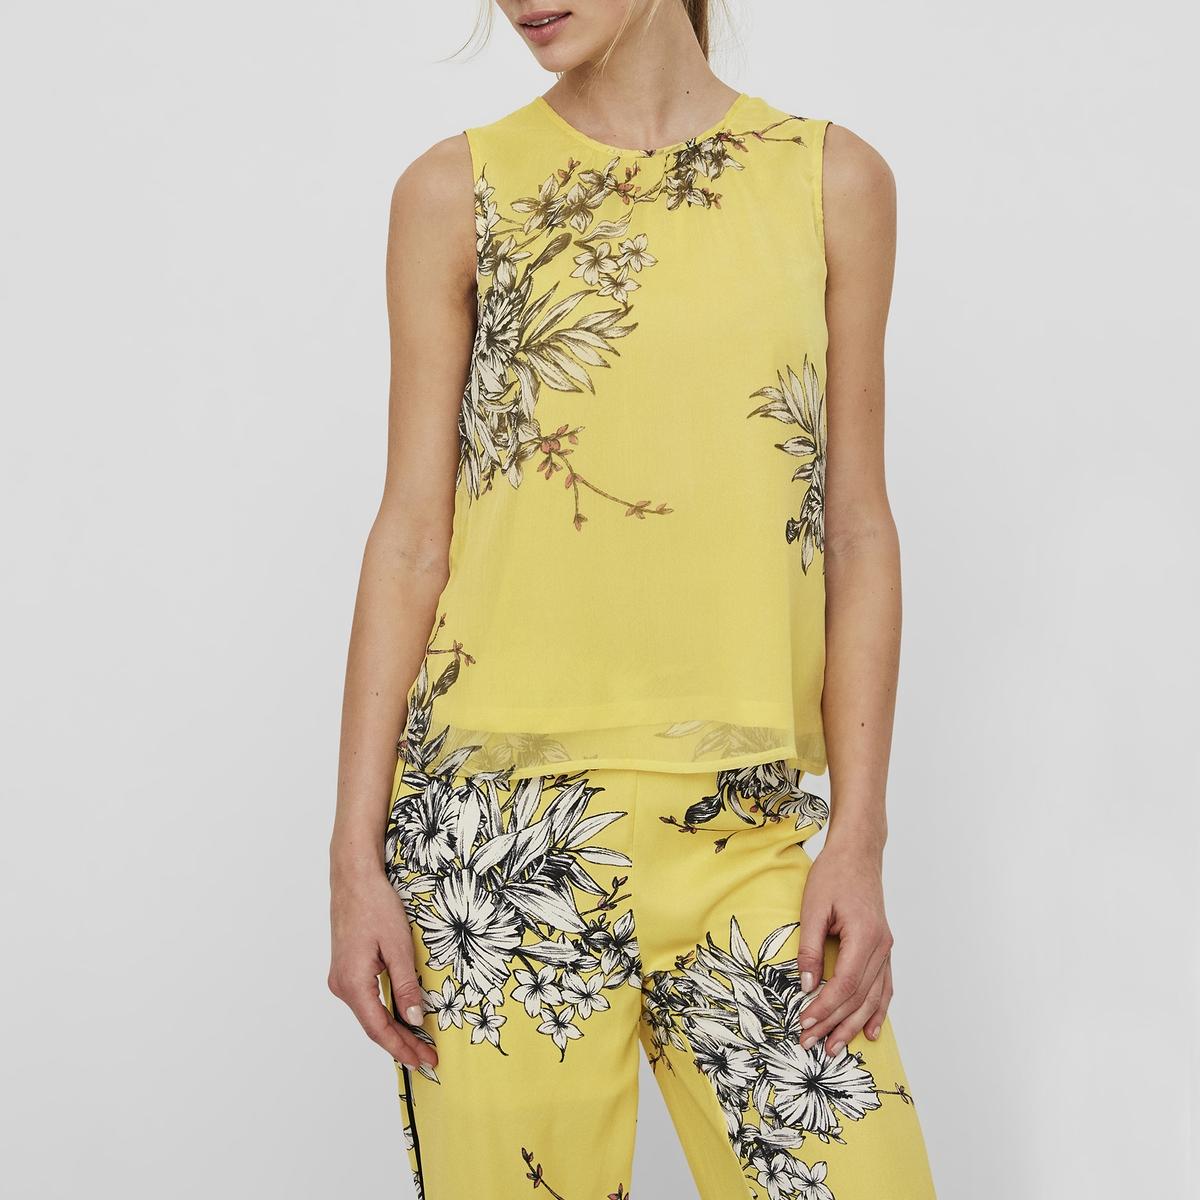 Blusa de gola redonda, sem mangas, estampado floral